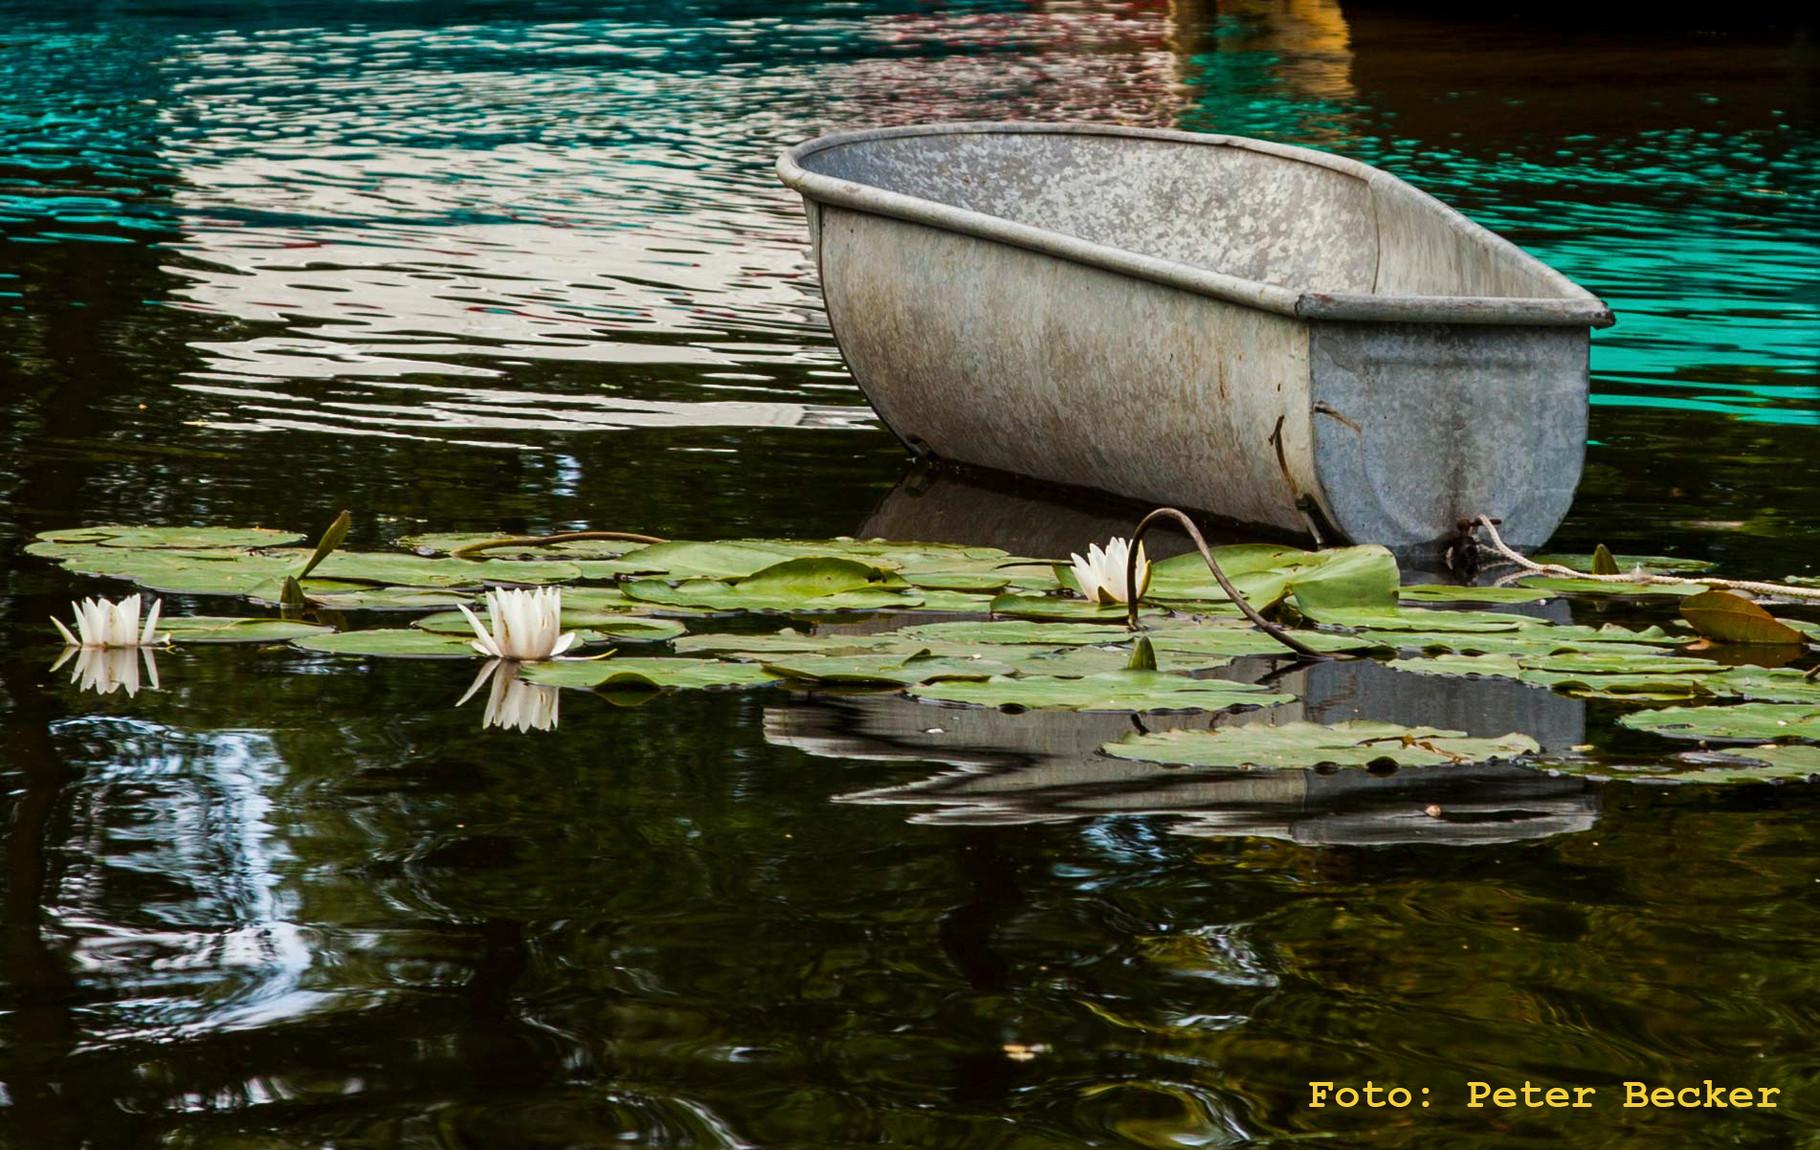 Piraten im Spreewald - Das Boot von Jack und Merry Flintinskorn